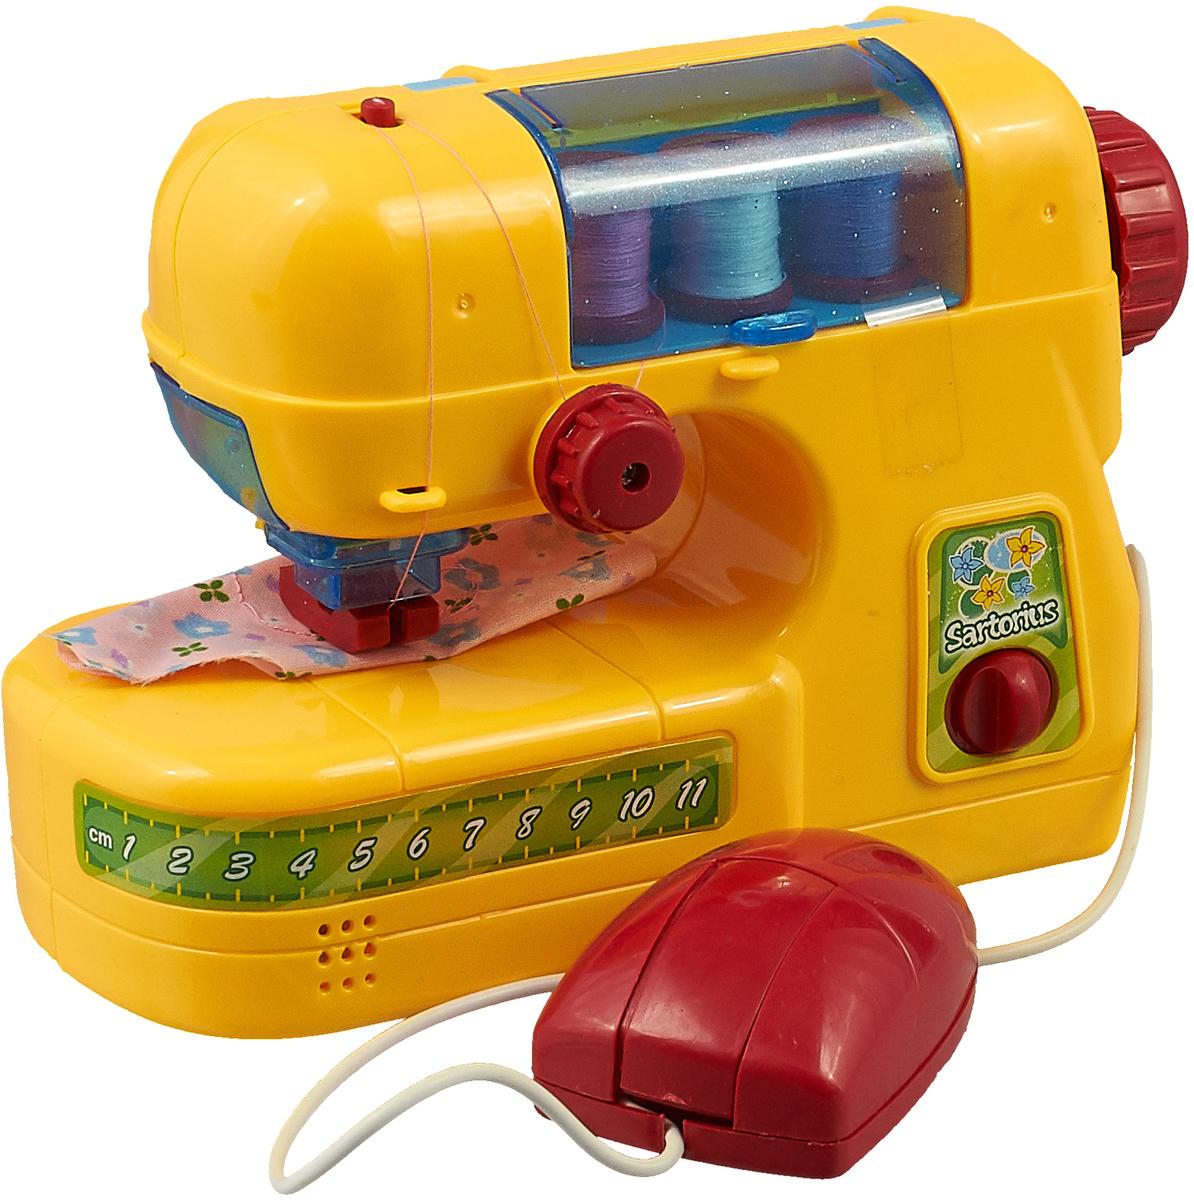 Игровой набор ABtoys Помогаю маме Швейная машинка, PT-00095(08001) конструктор abtoys кид блок 10 в 1 в наборе с шуруповертом на батарейках и аксессуарами 286 деталей pt 00904